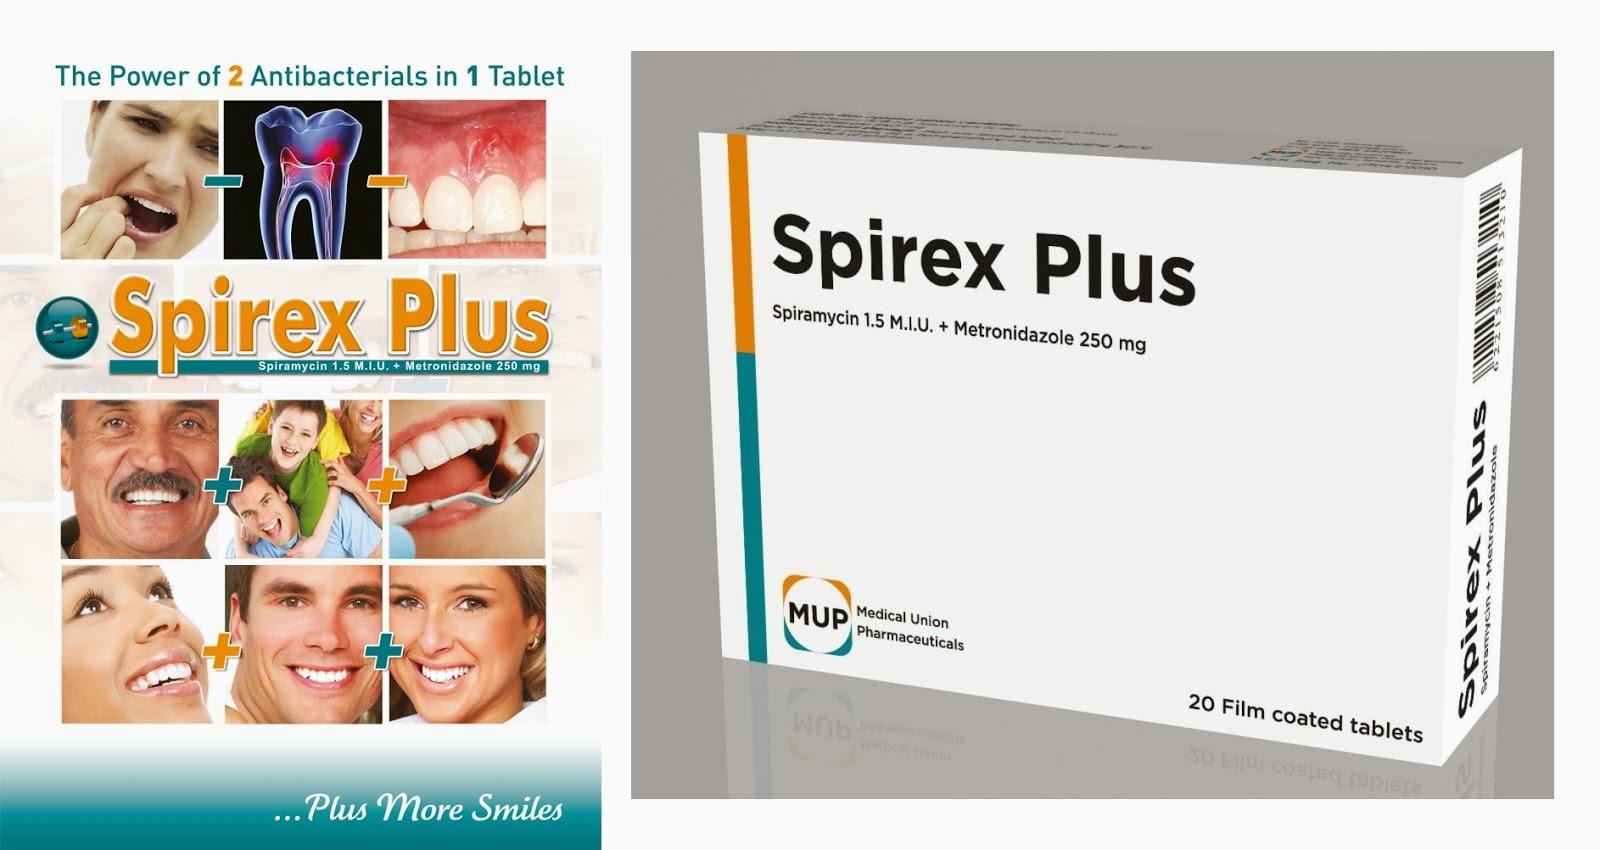 سبيركس,مترونيدازول,سبيراميسين,spirex,metronidazole,spiramycin